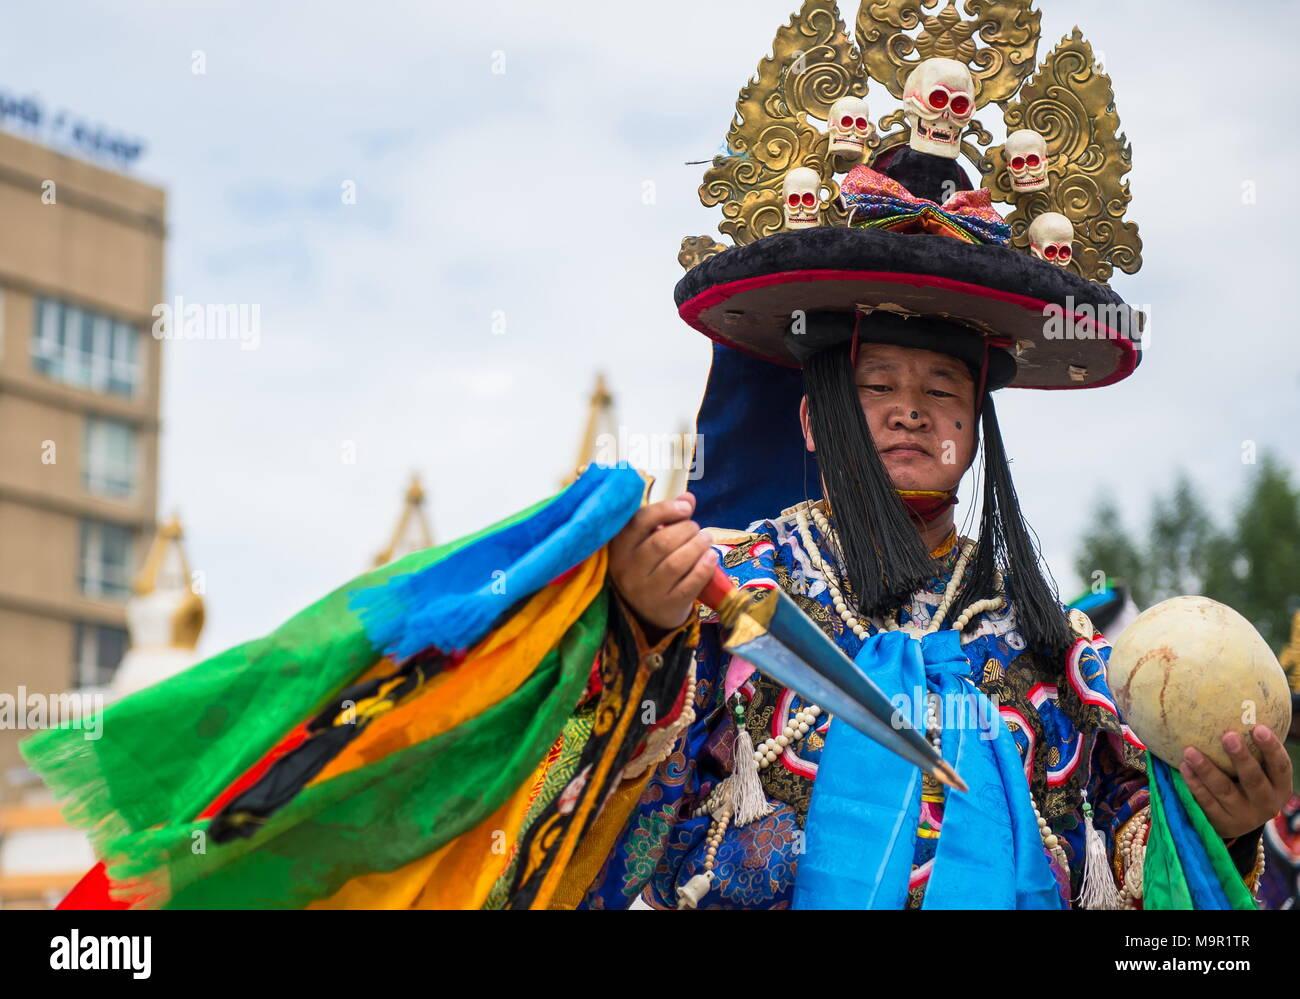 Au cours d'une danse traditionnelle Tsam culture festival, Mongolie Photo Stock